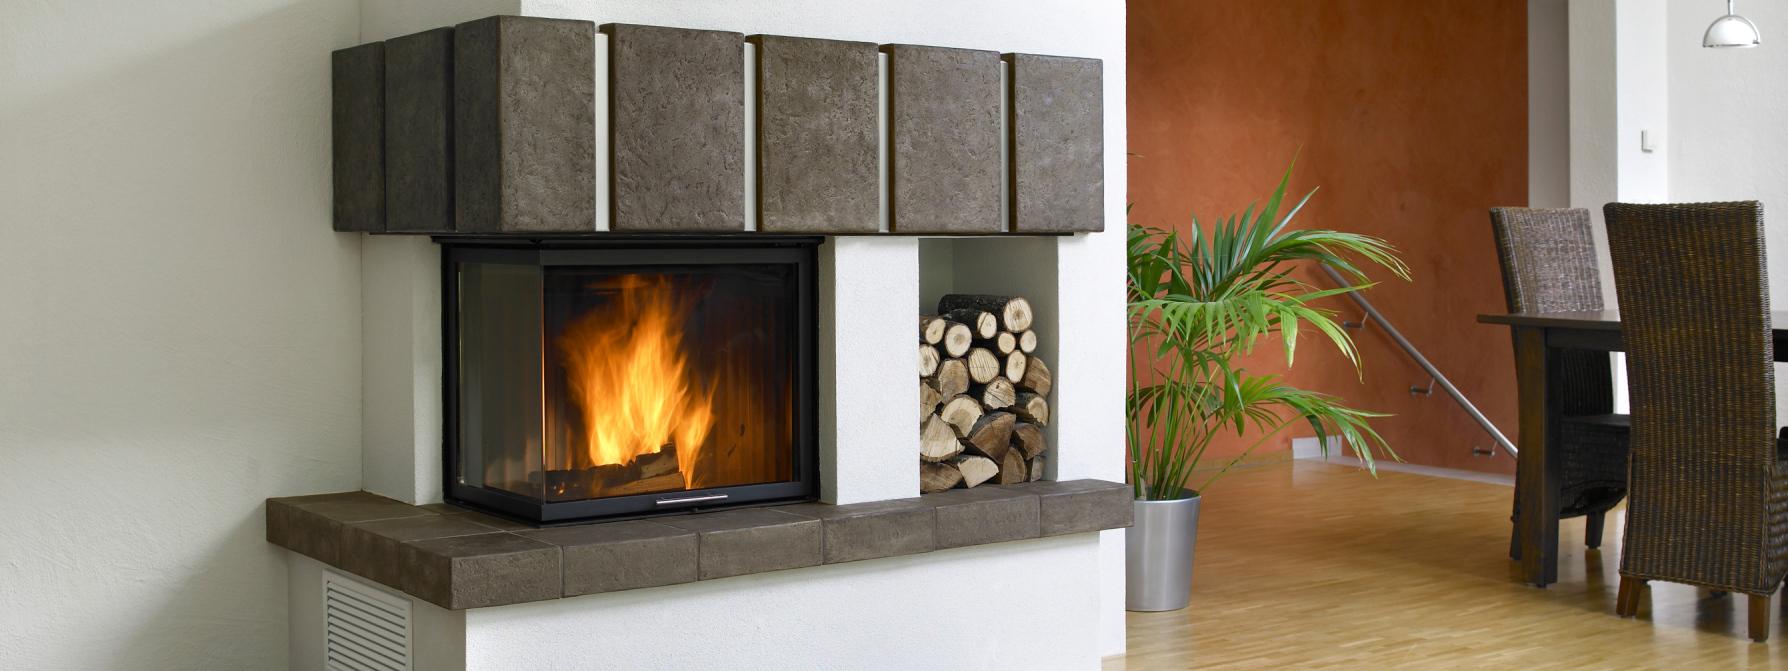 Věděli jste, že teplovodním krbem naakumulujete energii do nádrže avytápíte ikdyž nejste doma?